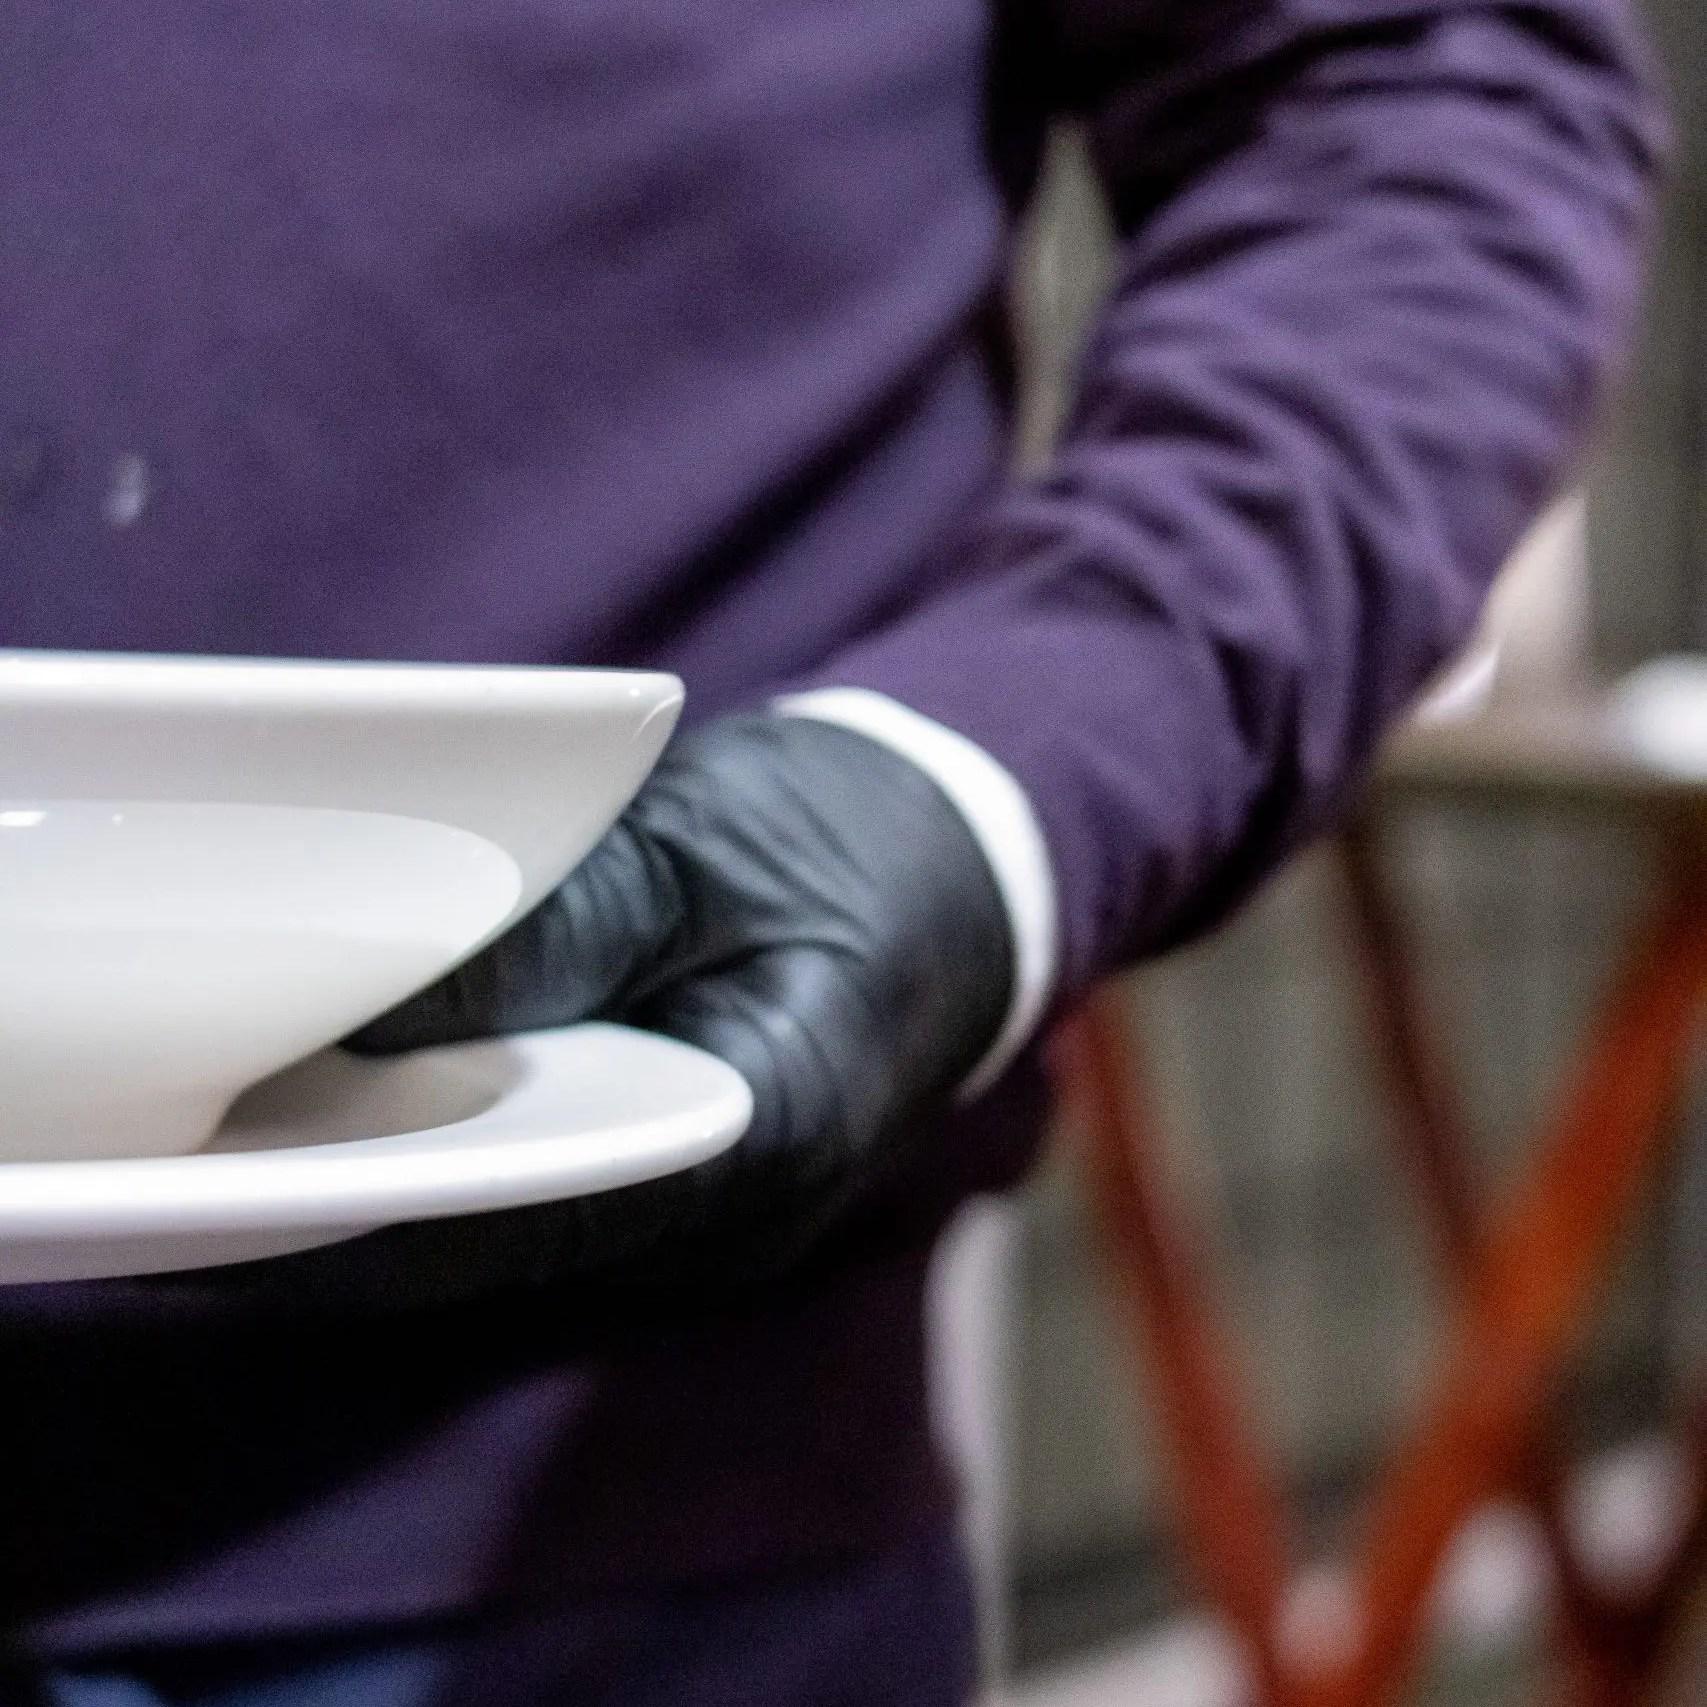 server wearing gloves to deliver food at Breeze Restaurant